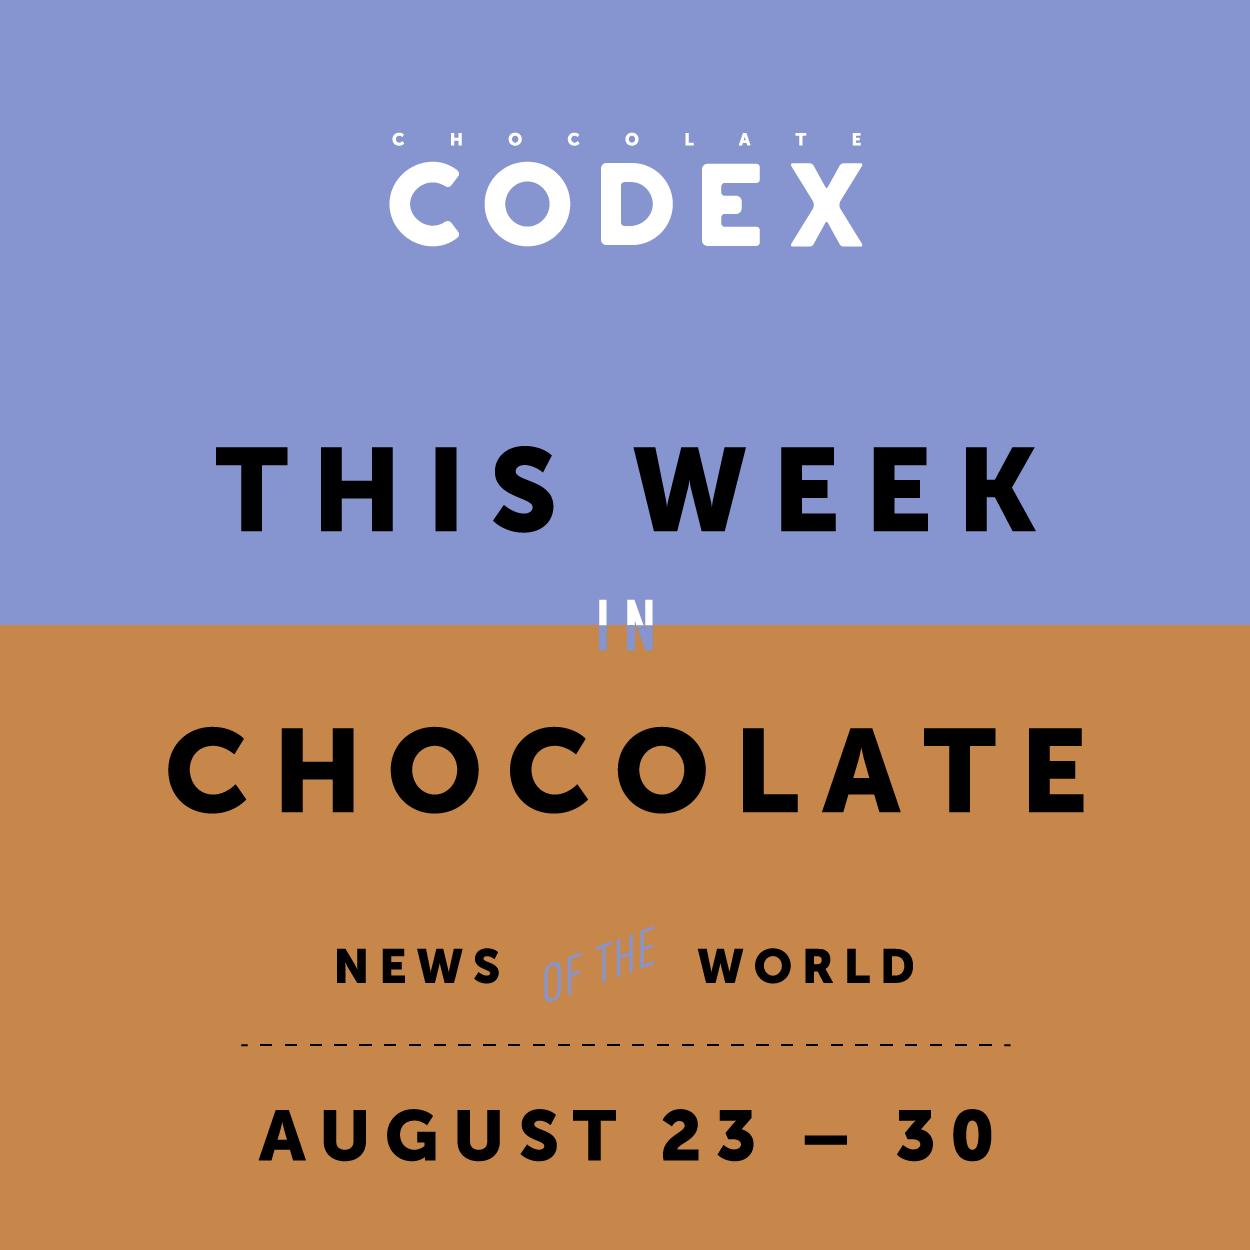 ChocolateCodex_ThisWeek_Chocolate_News_Week35-01